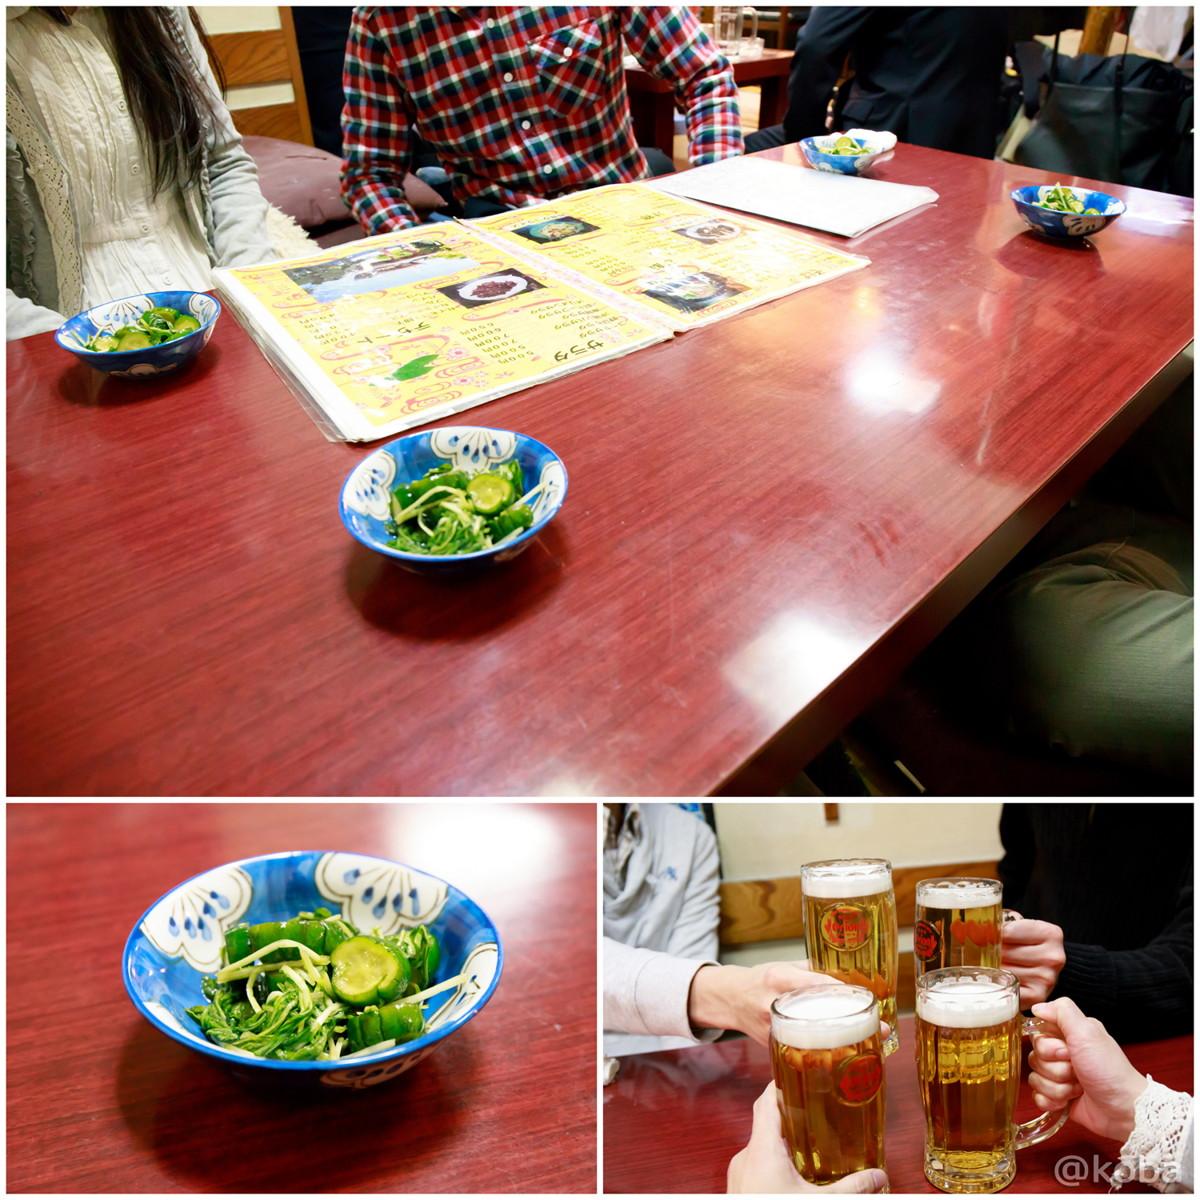 内観 お通し オリオンビール乾杯~♪ 東京 新小岩 島人ぬ宝(しまんちゅぬたから) 沖縄料理│こばフォトブログ